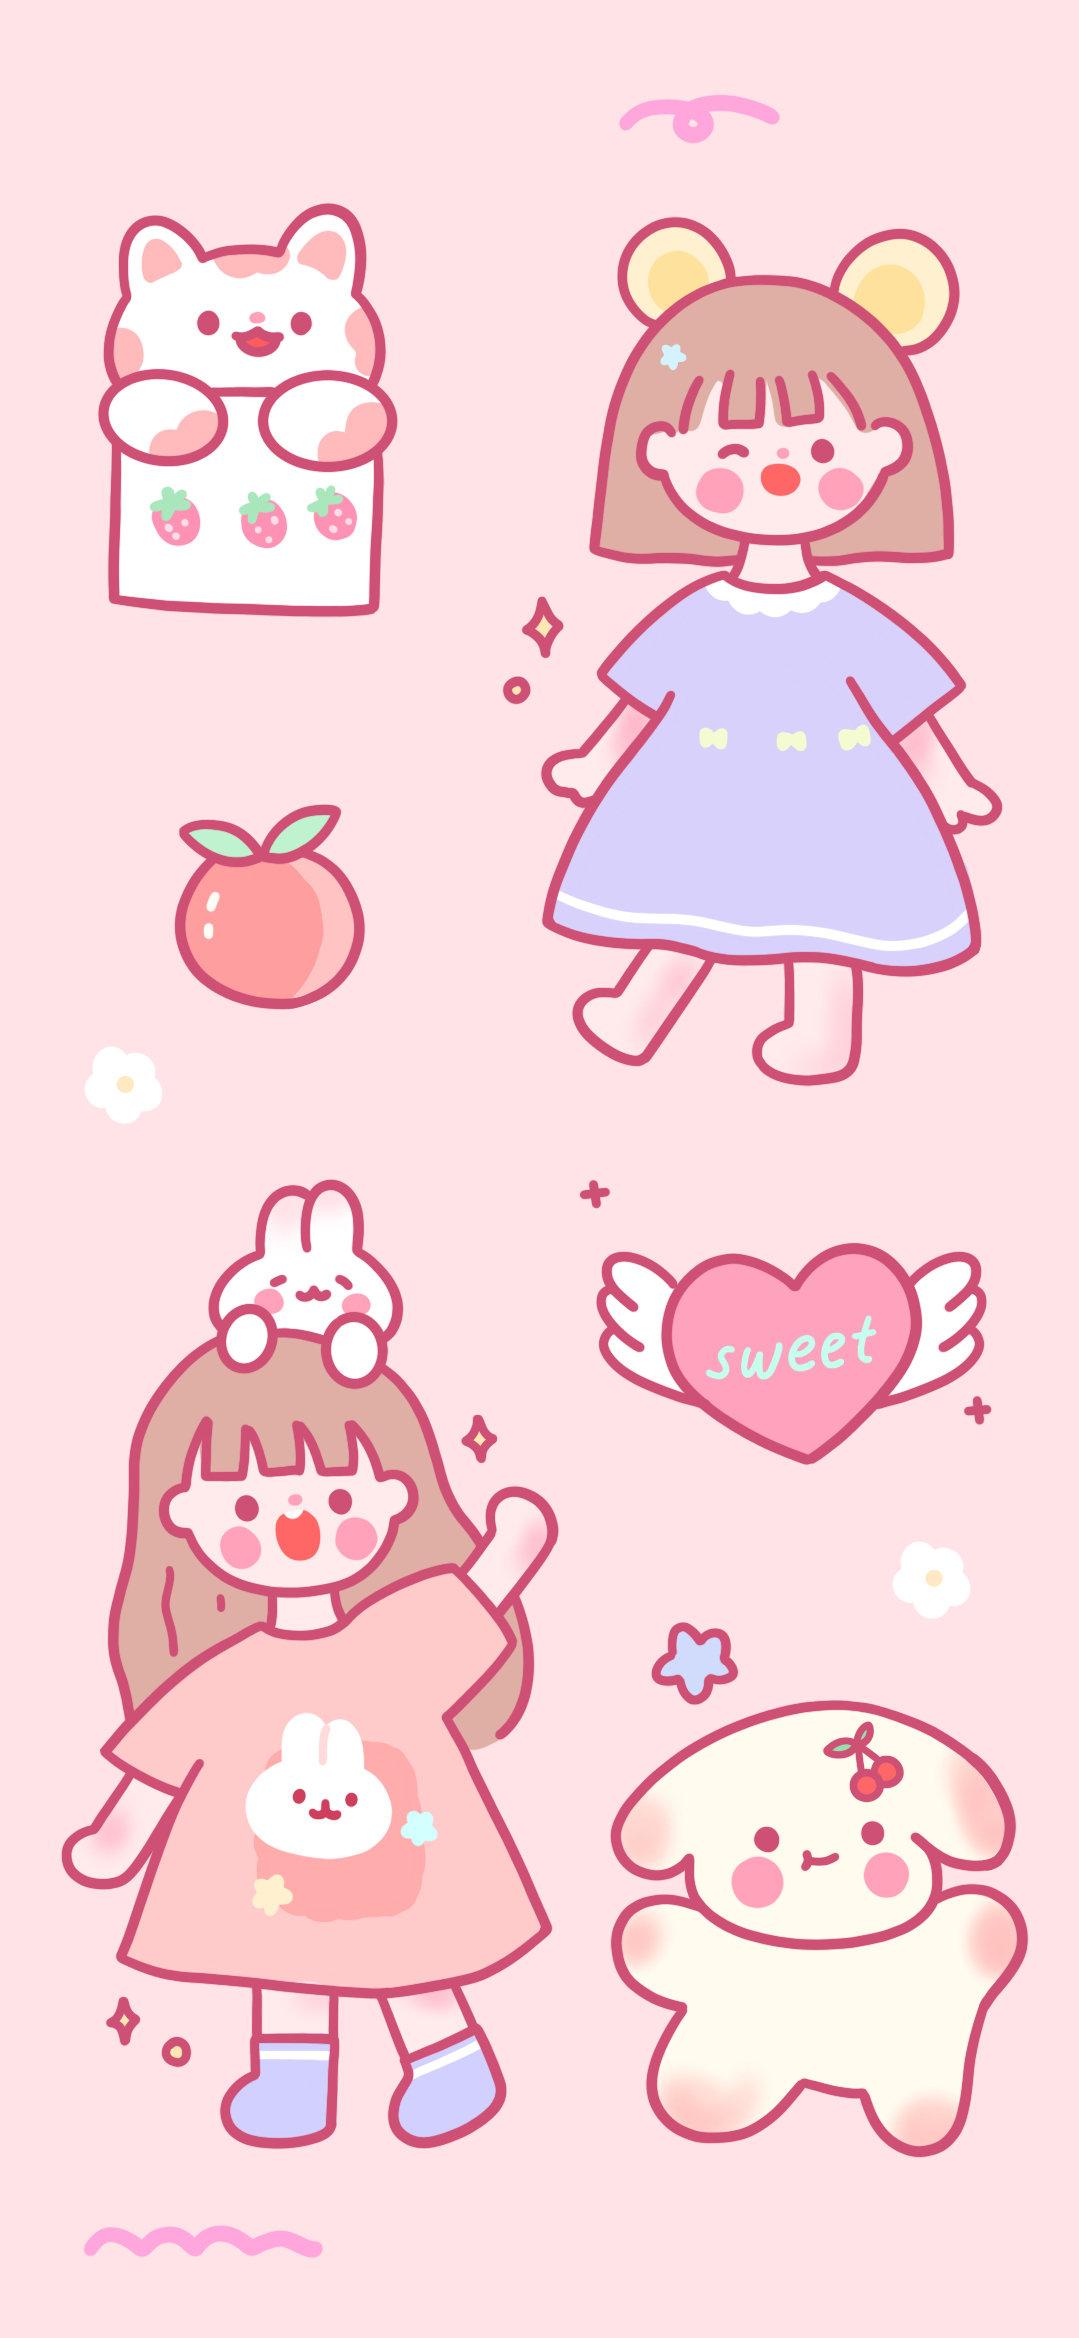 粉色背景图片(高清少女心粉色背景图)